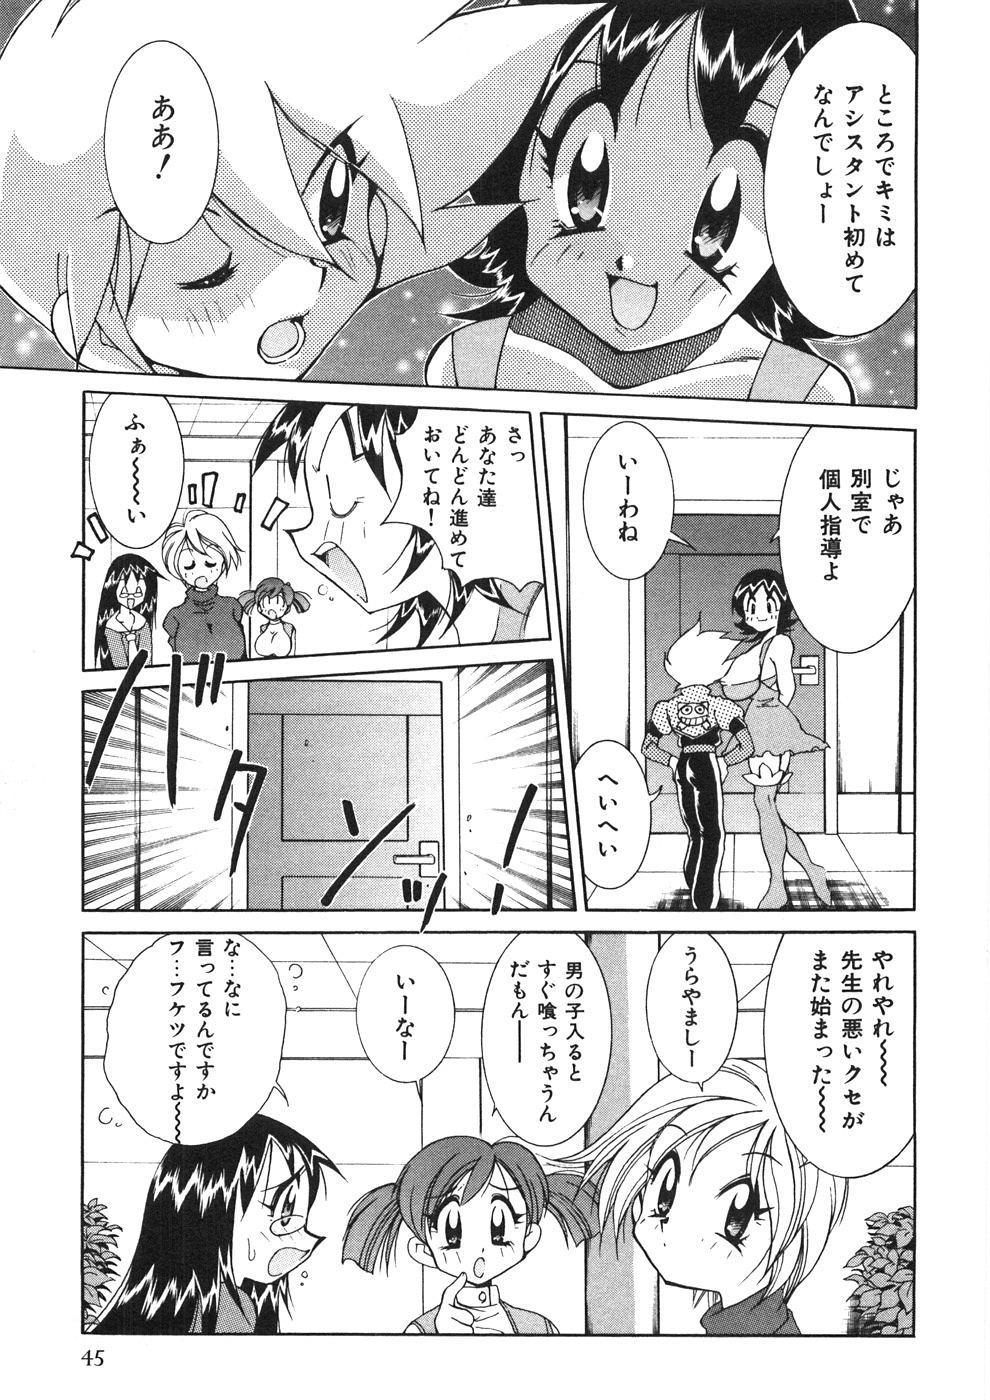 Chichichichi Banban 49